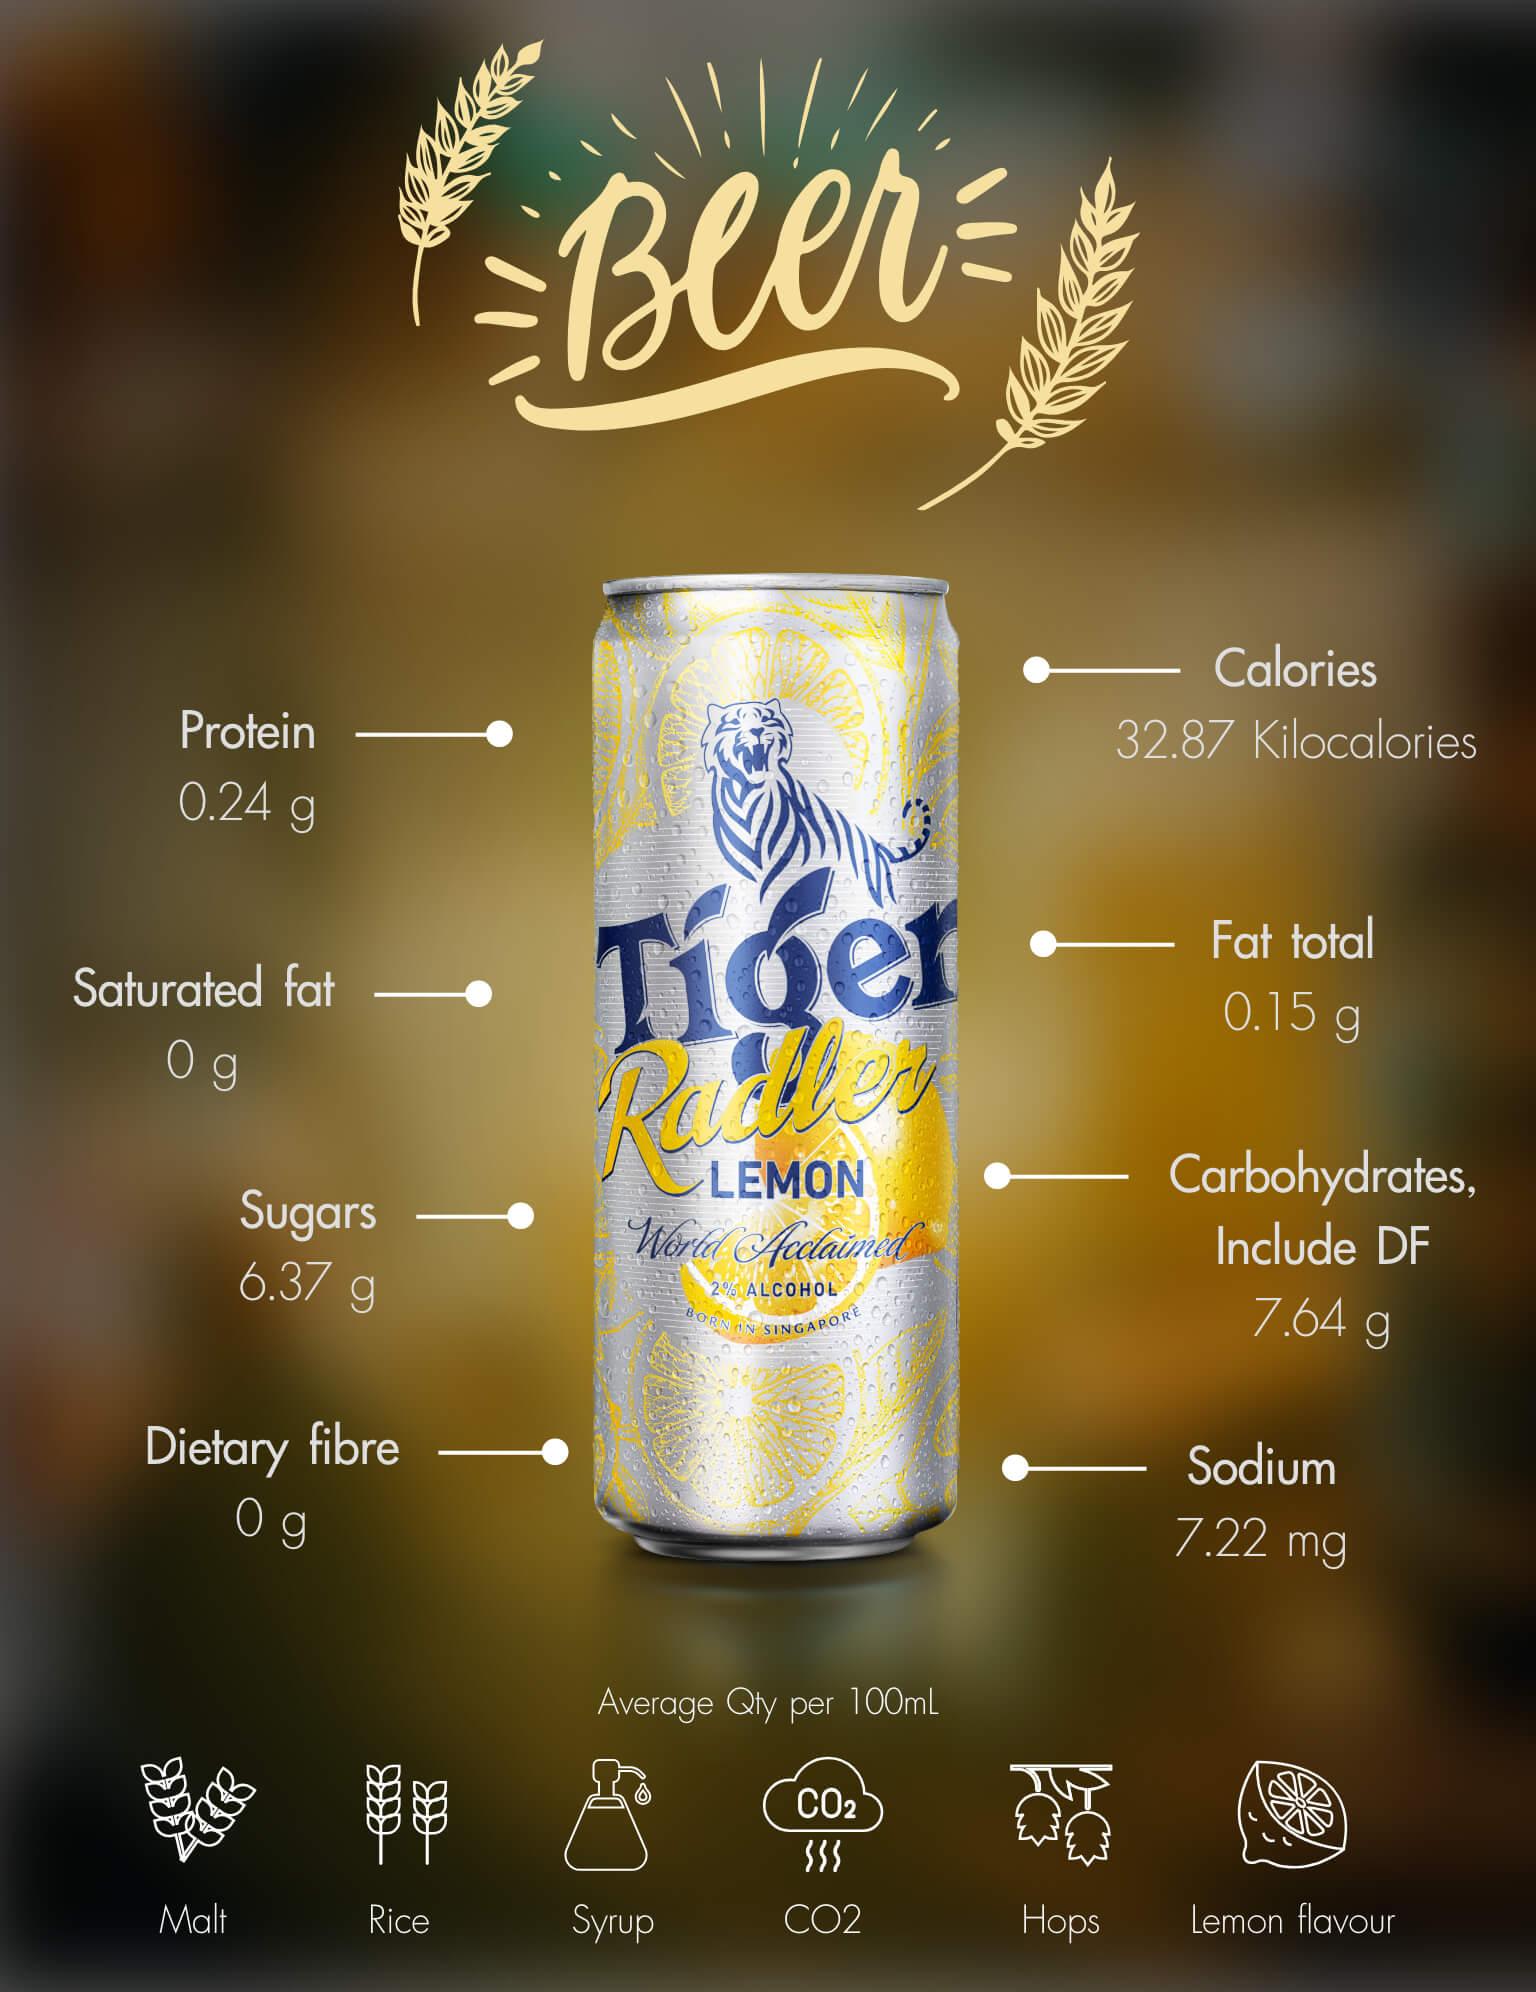 Tiger Radler Lemon Beer Nutrition Information